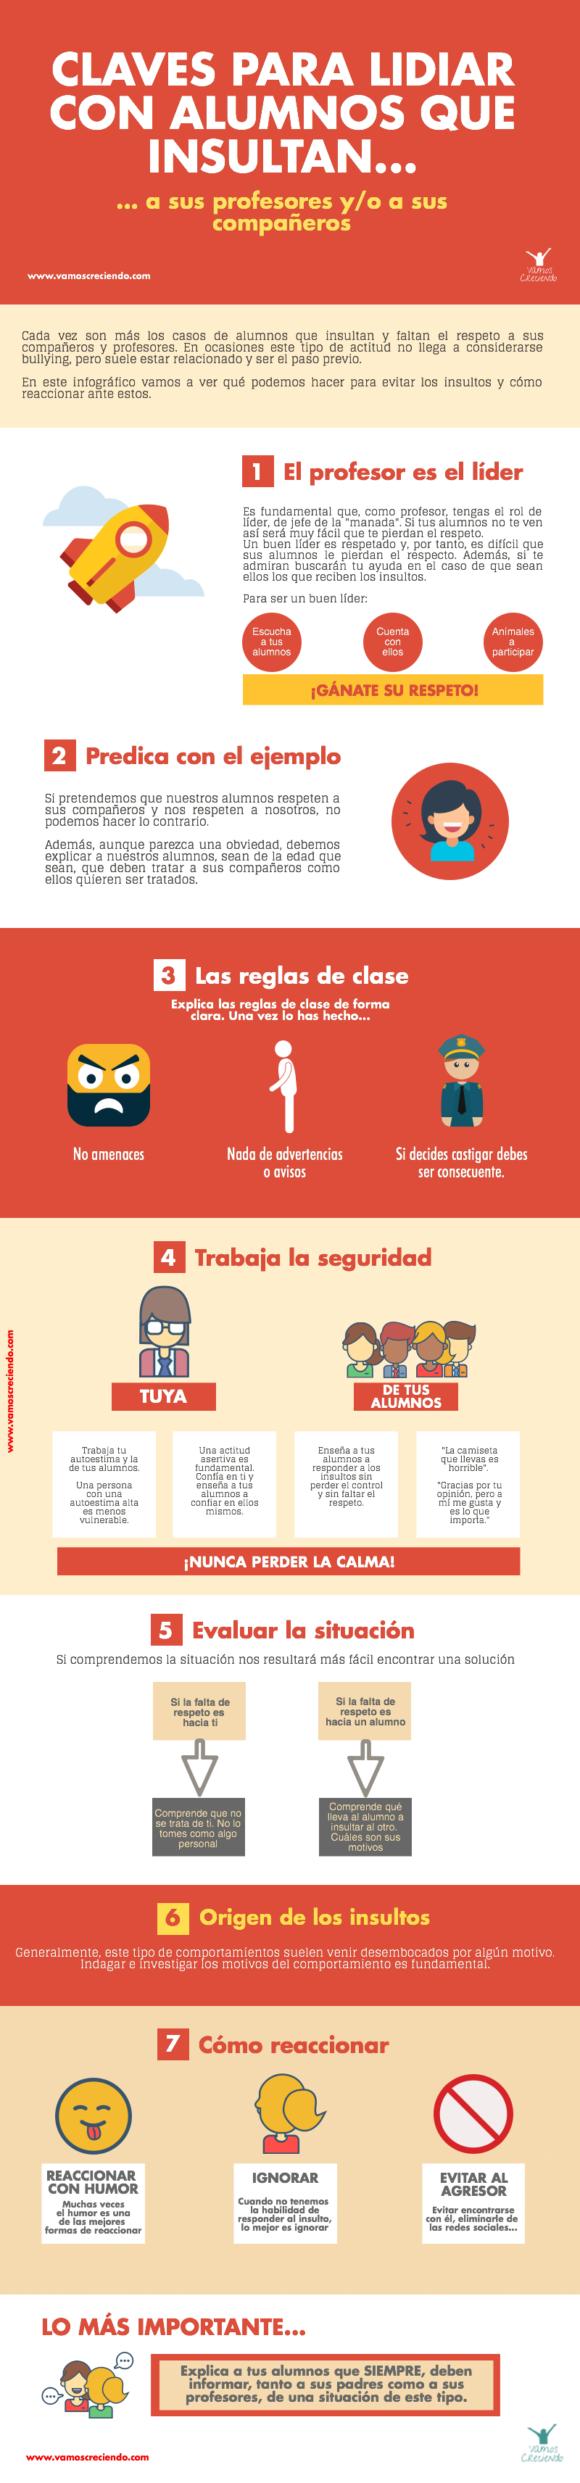 claves-para-lidiar-con-alumnos-que-insultan